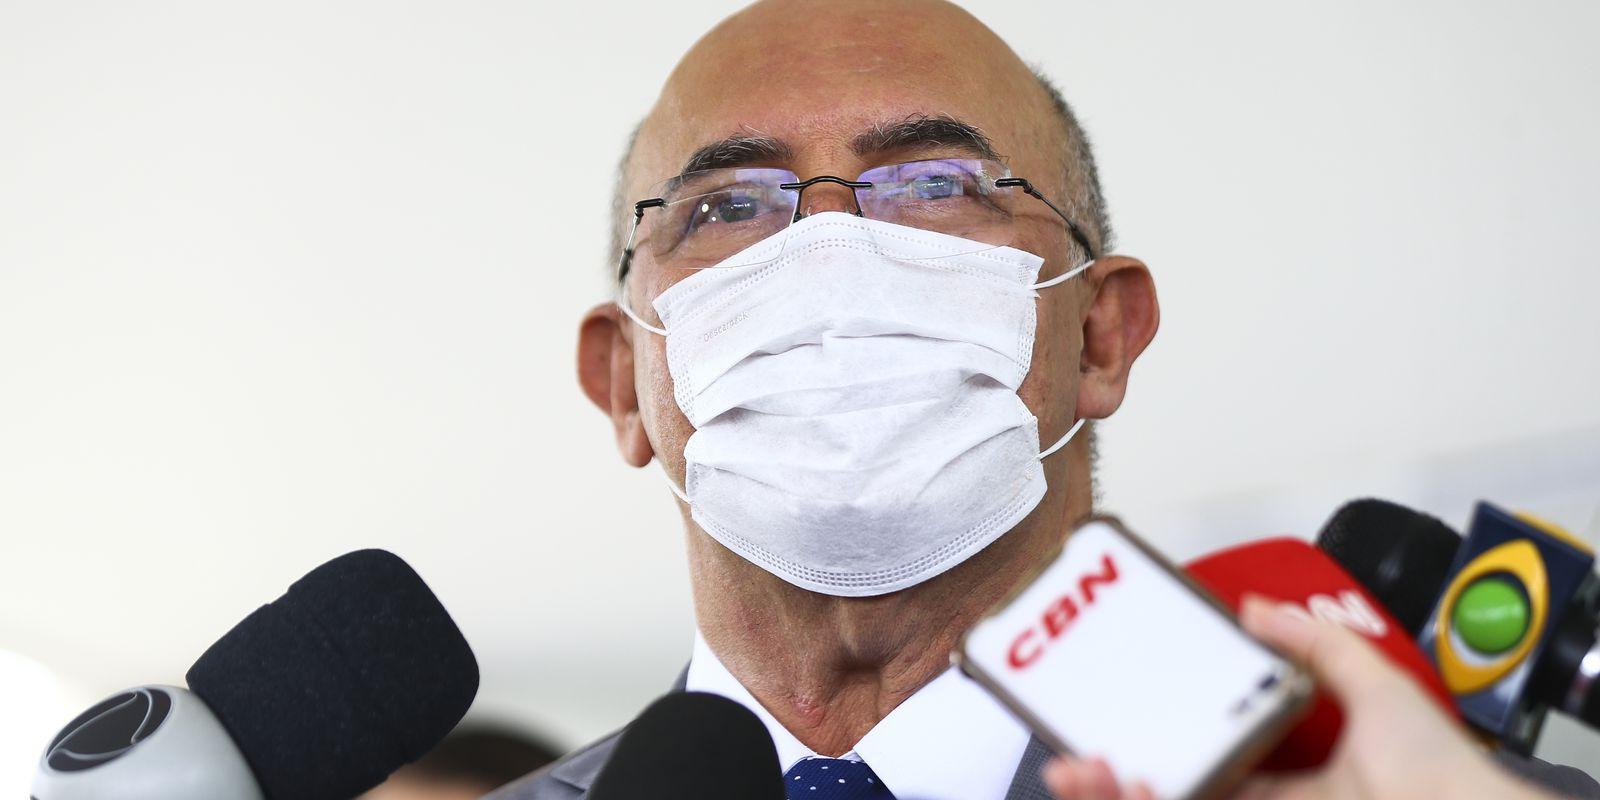 O ministro da Educação, Milton Ribeiro, durante entrevista após reunião com o ministro da Saúde, Eduardo Pazuello.